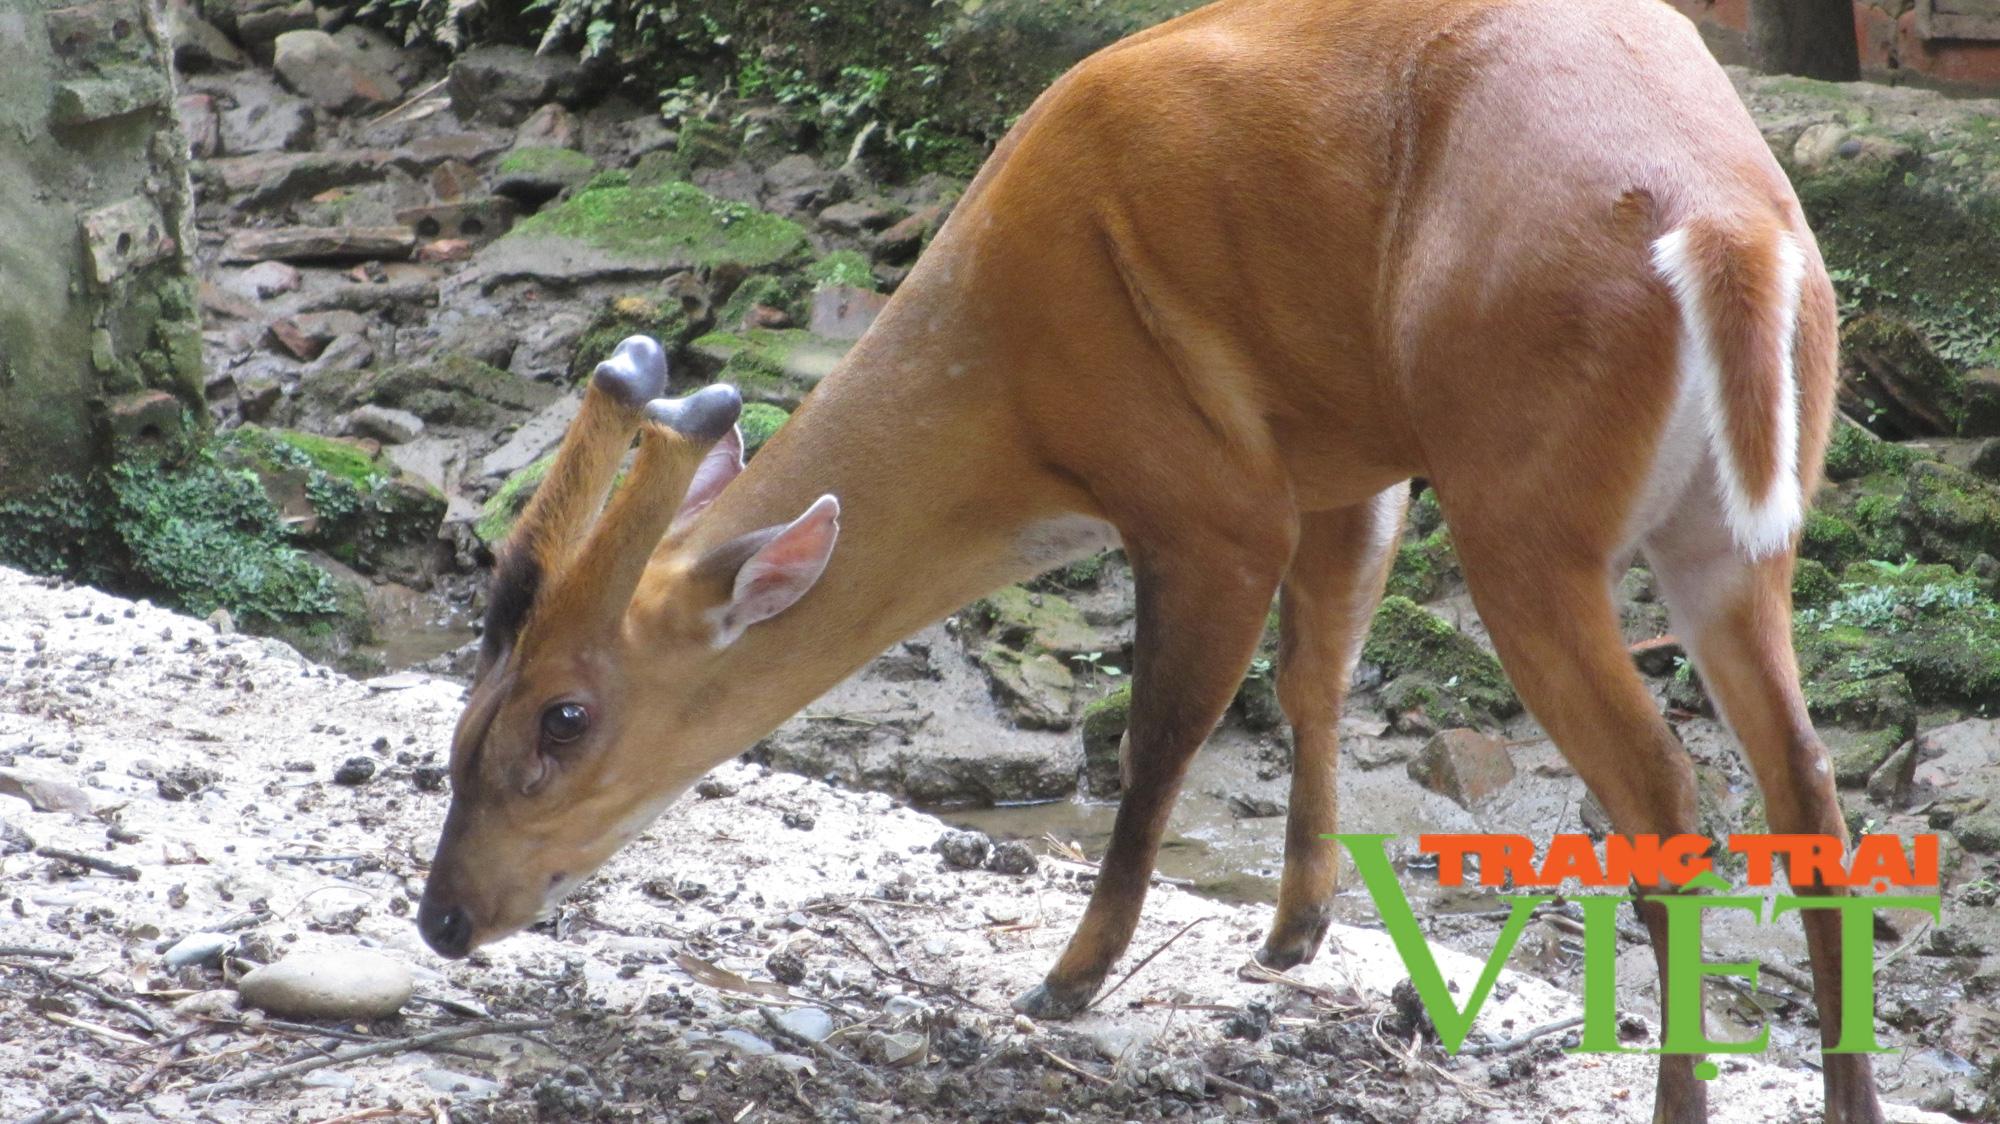 Mang hoẵng rừng về nuôi làm cảnh, lão nông vùng biên lãi lớn - Ảnh 3.